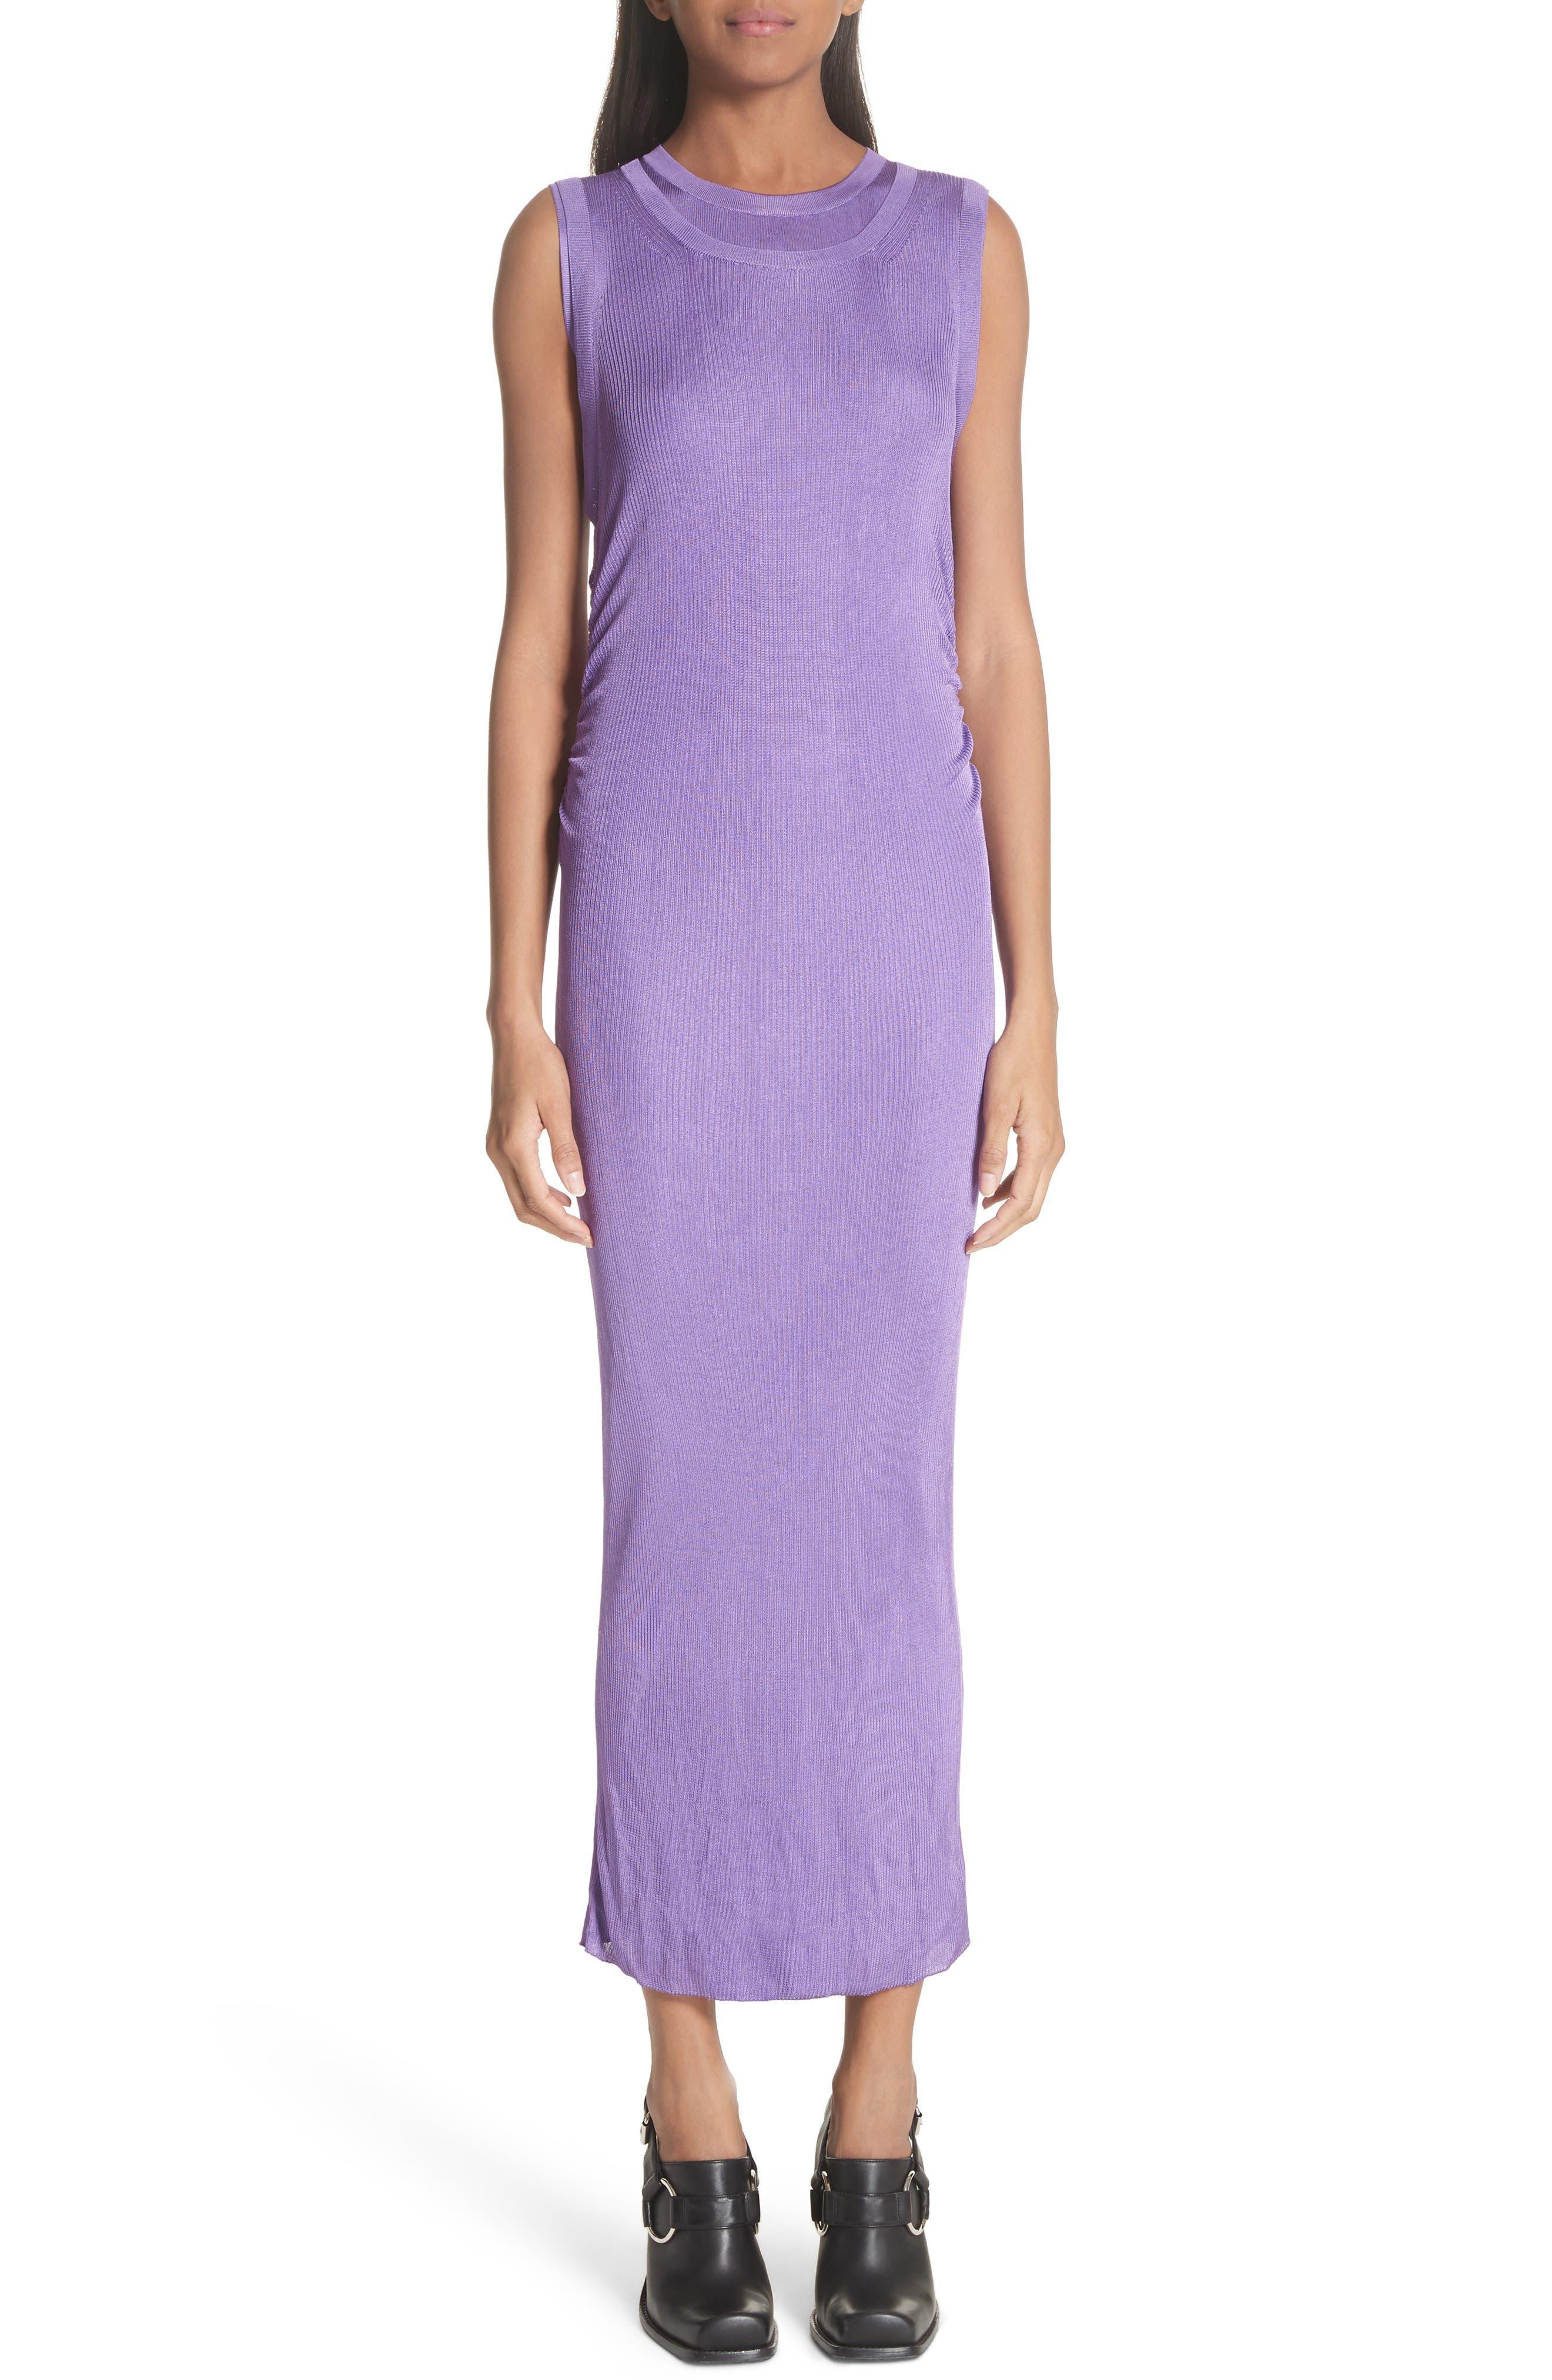 Ruched Side Layered Rib Knit Dress,                             Main thumbnail 1, color,                             500